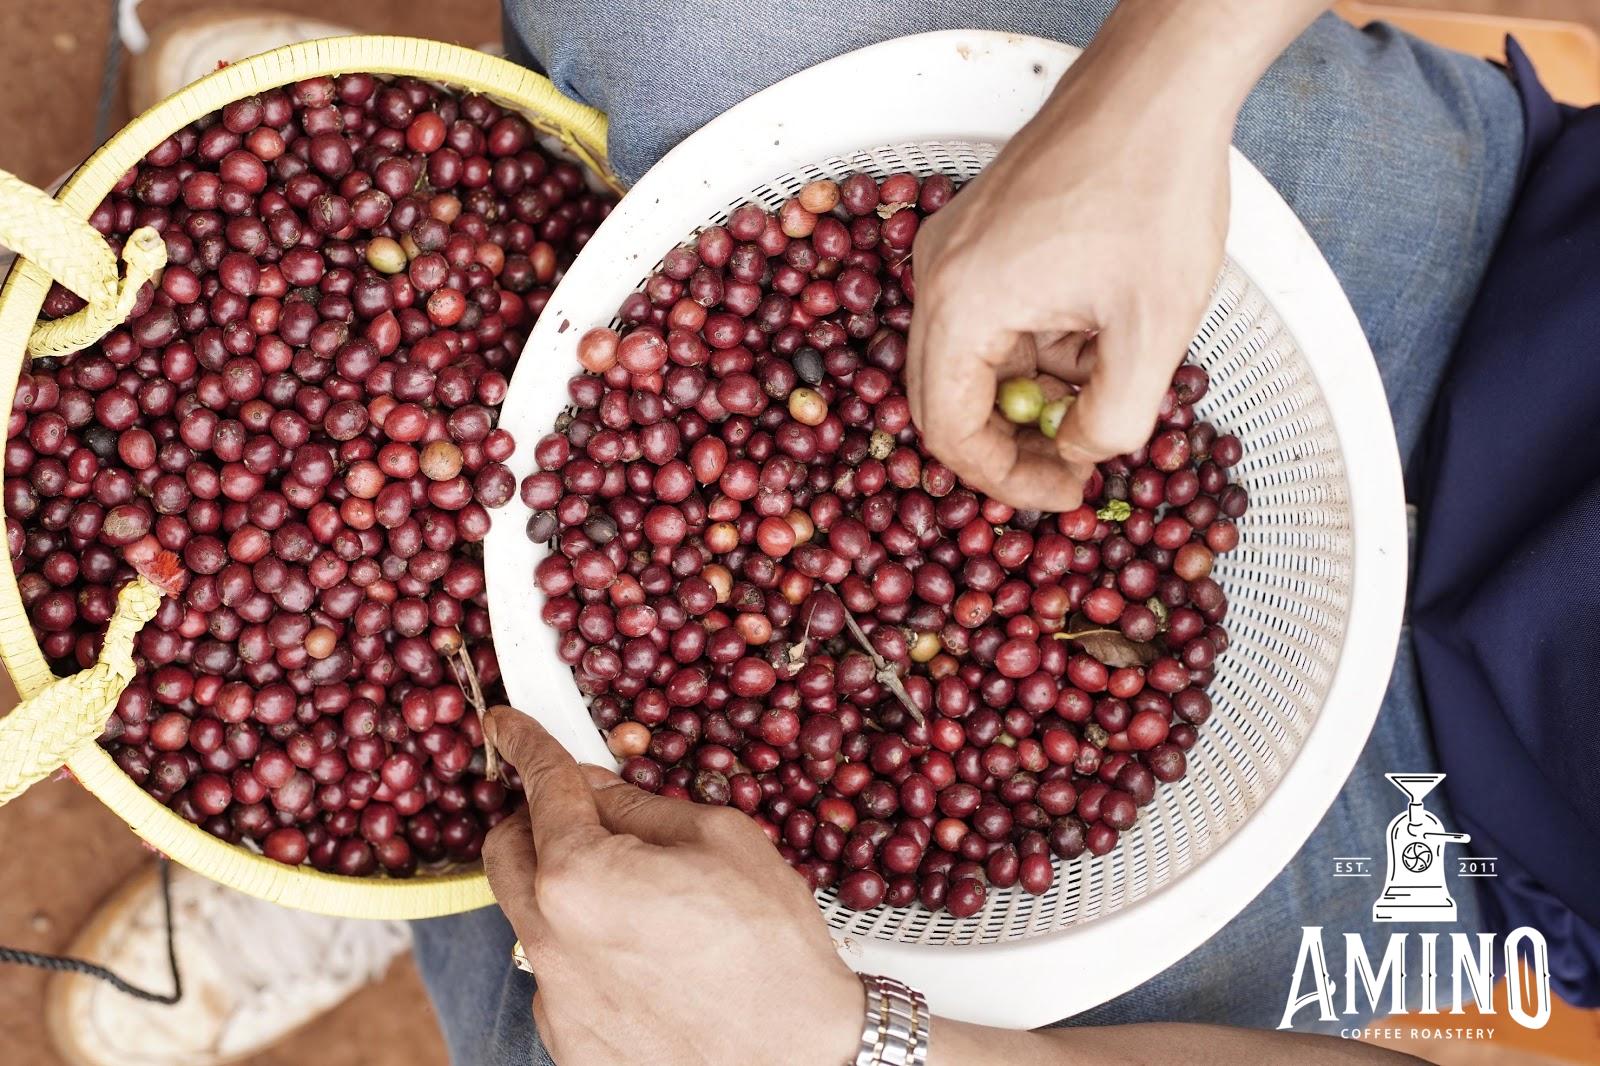 Hình ảnh thu hoạch quả cà phê